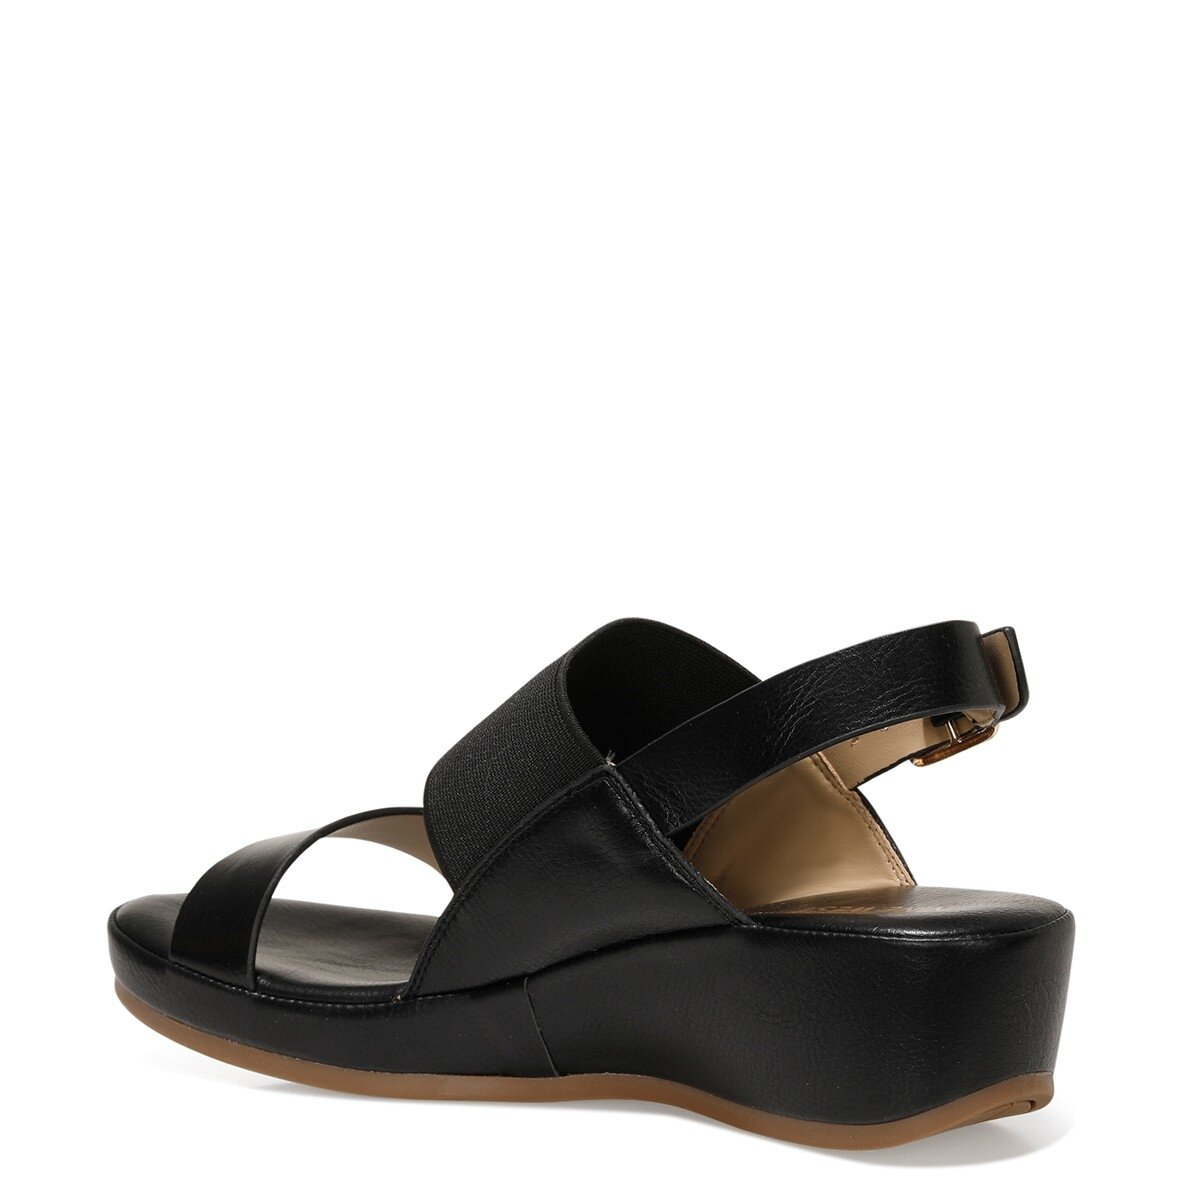 DANE 1FX Siyah Kadın Dolgu Topuklu Sandalet